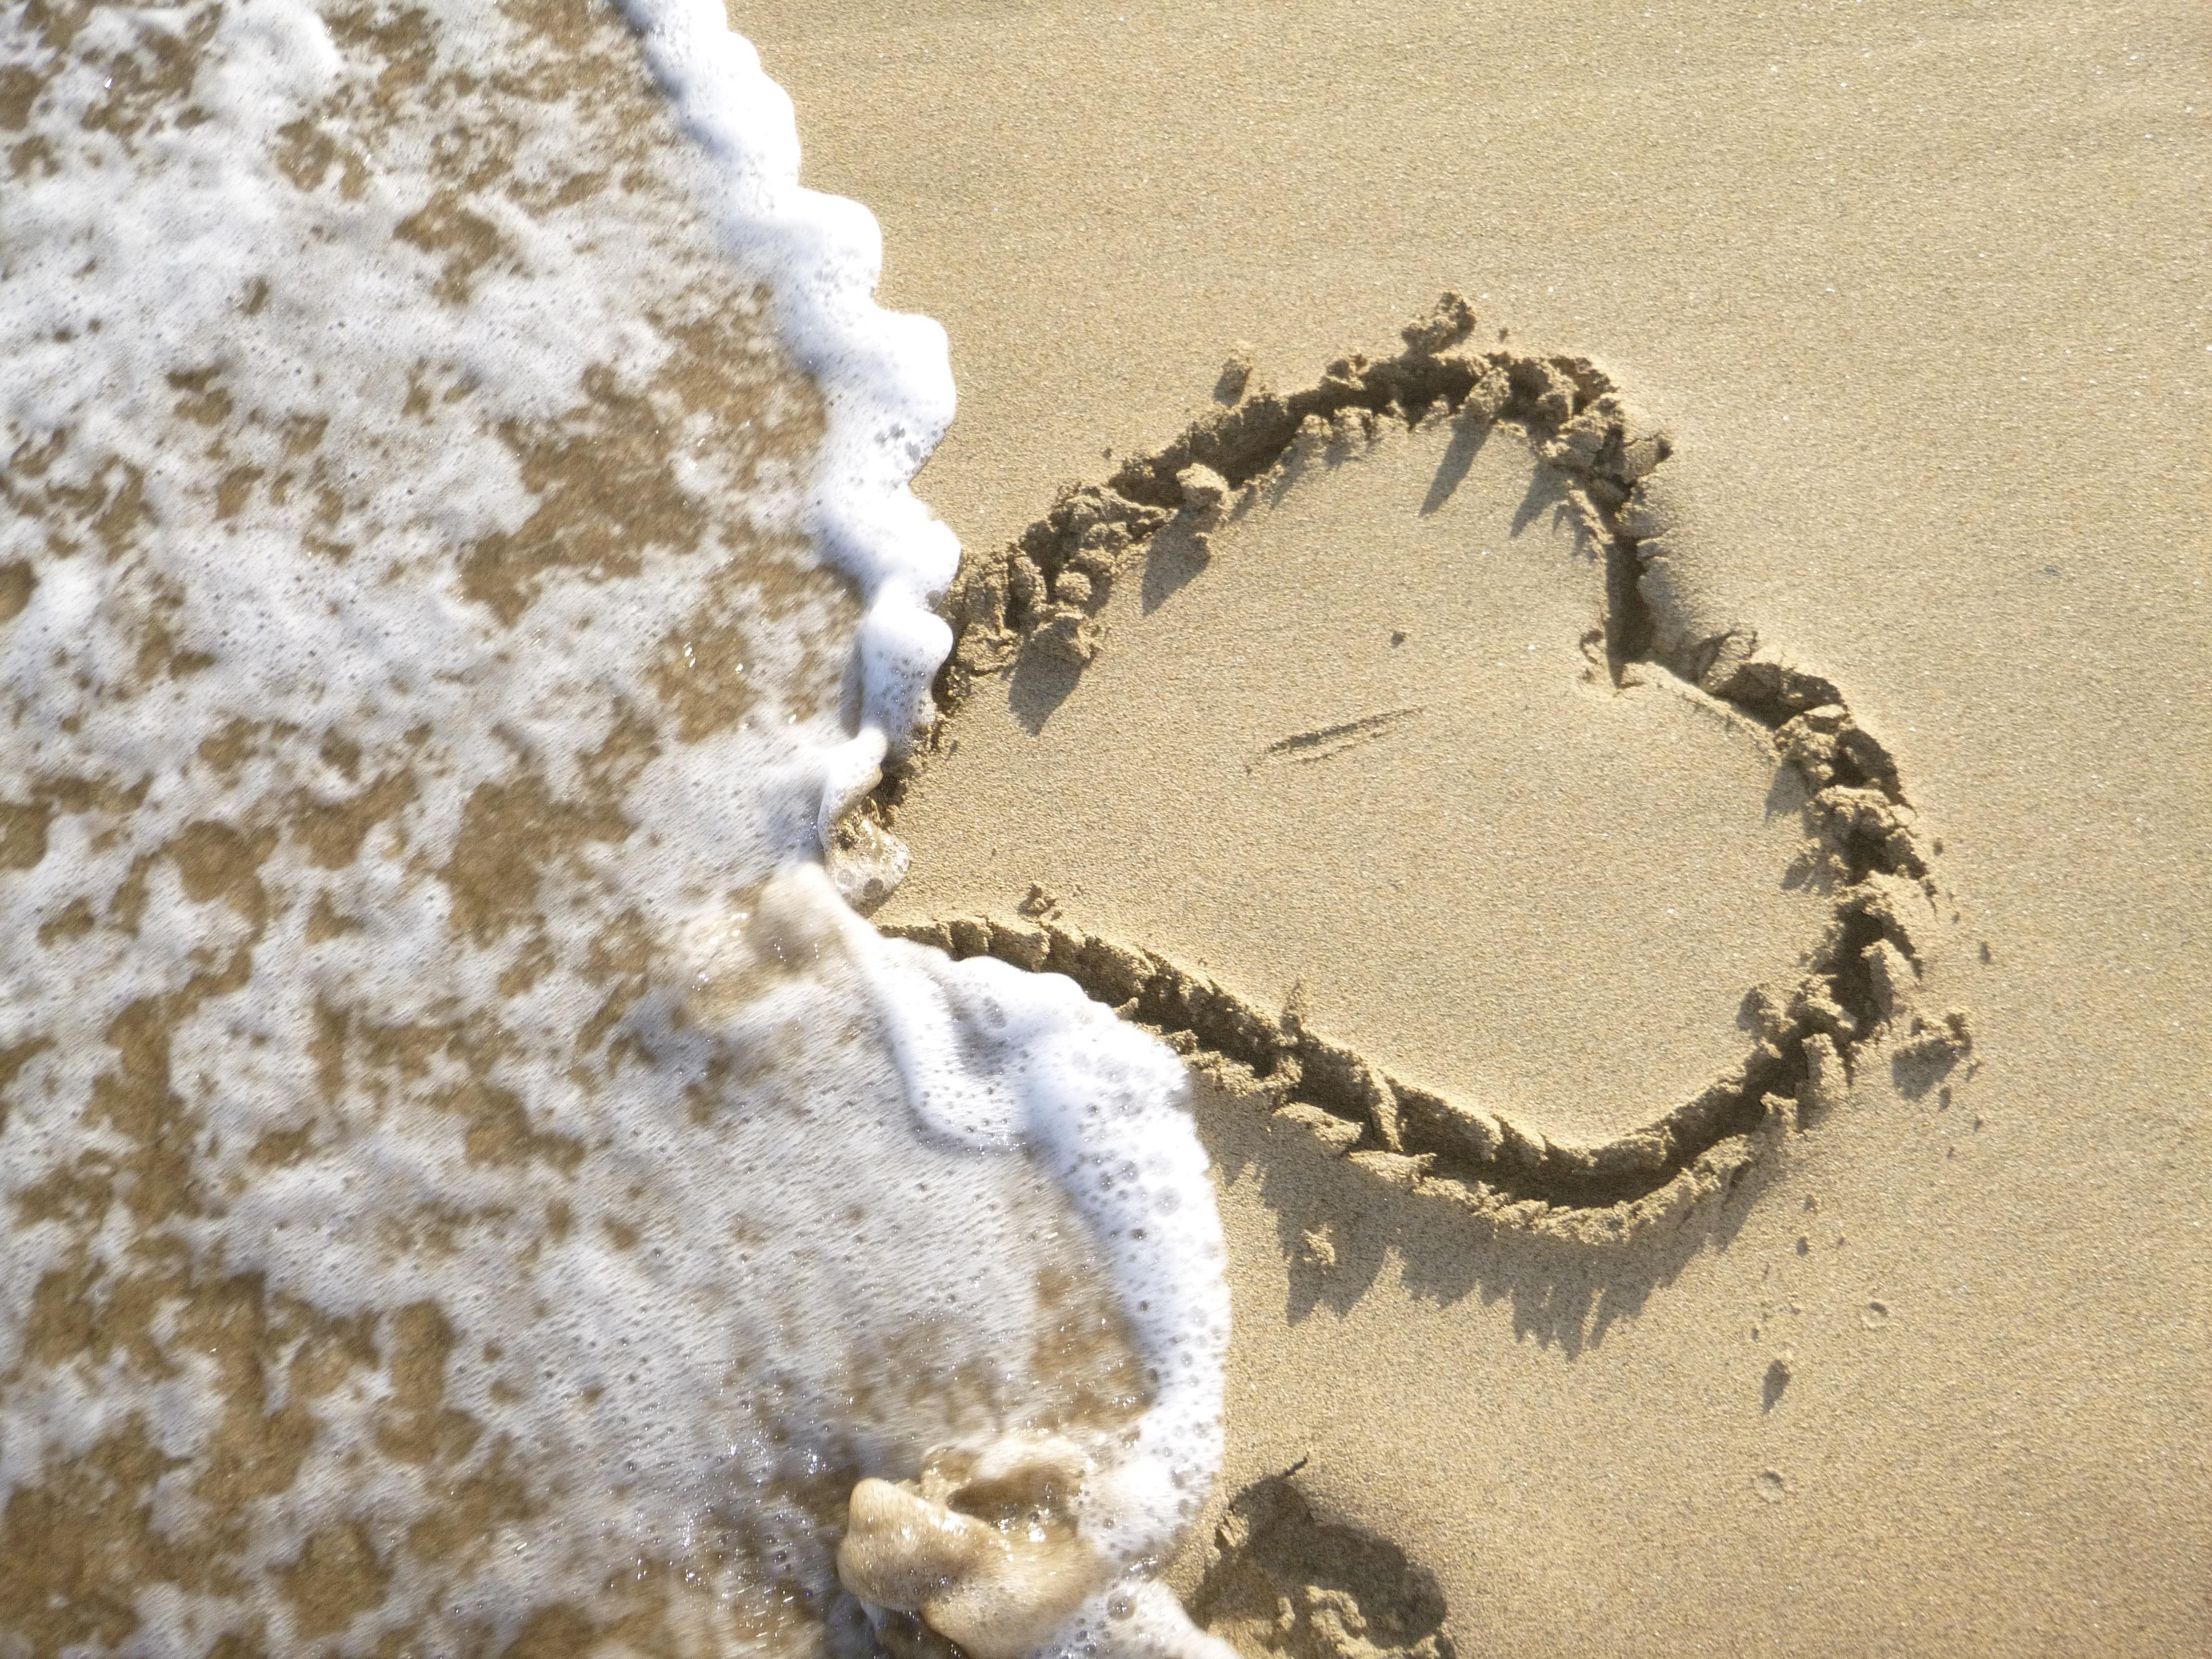 Immagini Belle Spiaggia Mare Sabbia Amore Cuore Materiale